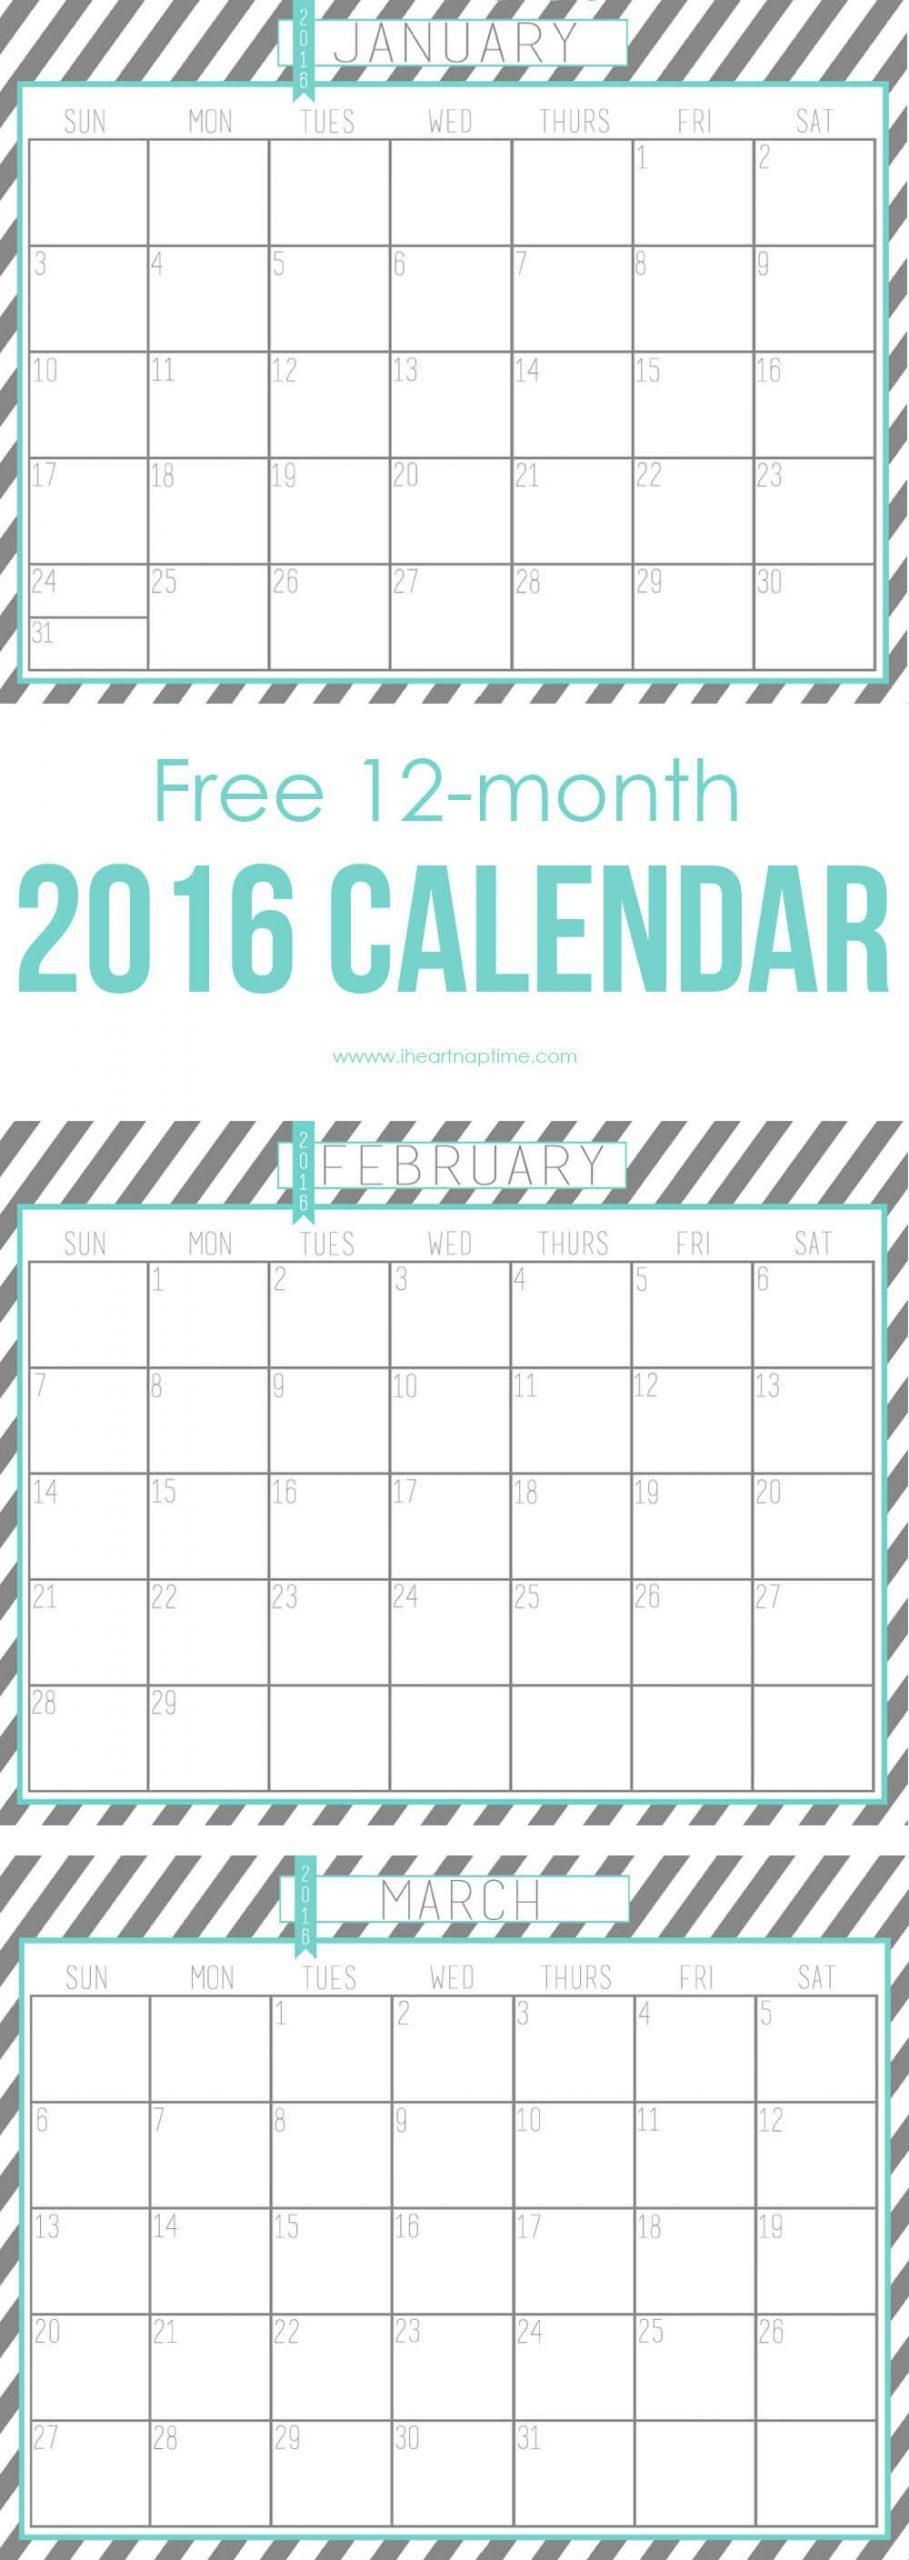 2016 Free Printable Calendar - I Heart Nap Time Printable 2016 Calendar With Notes